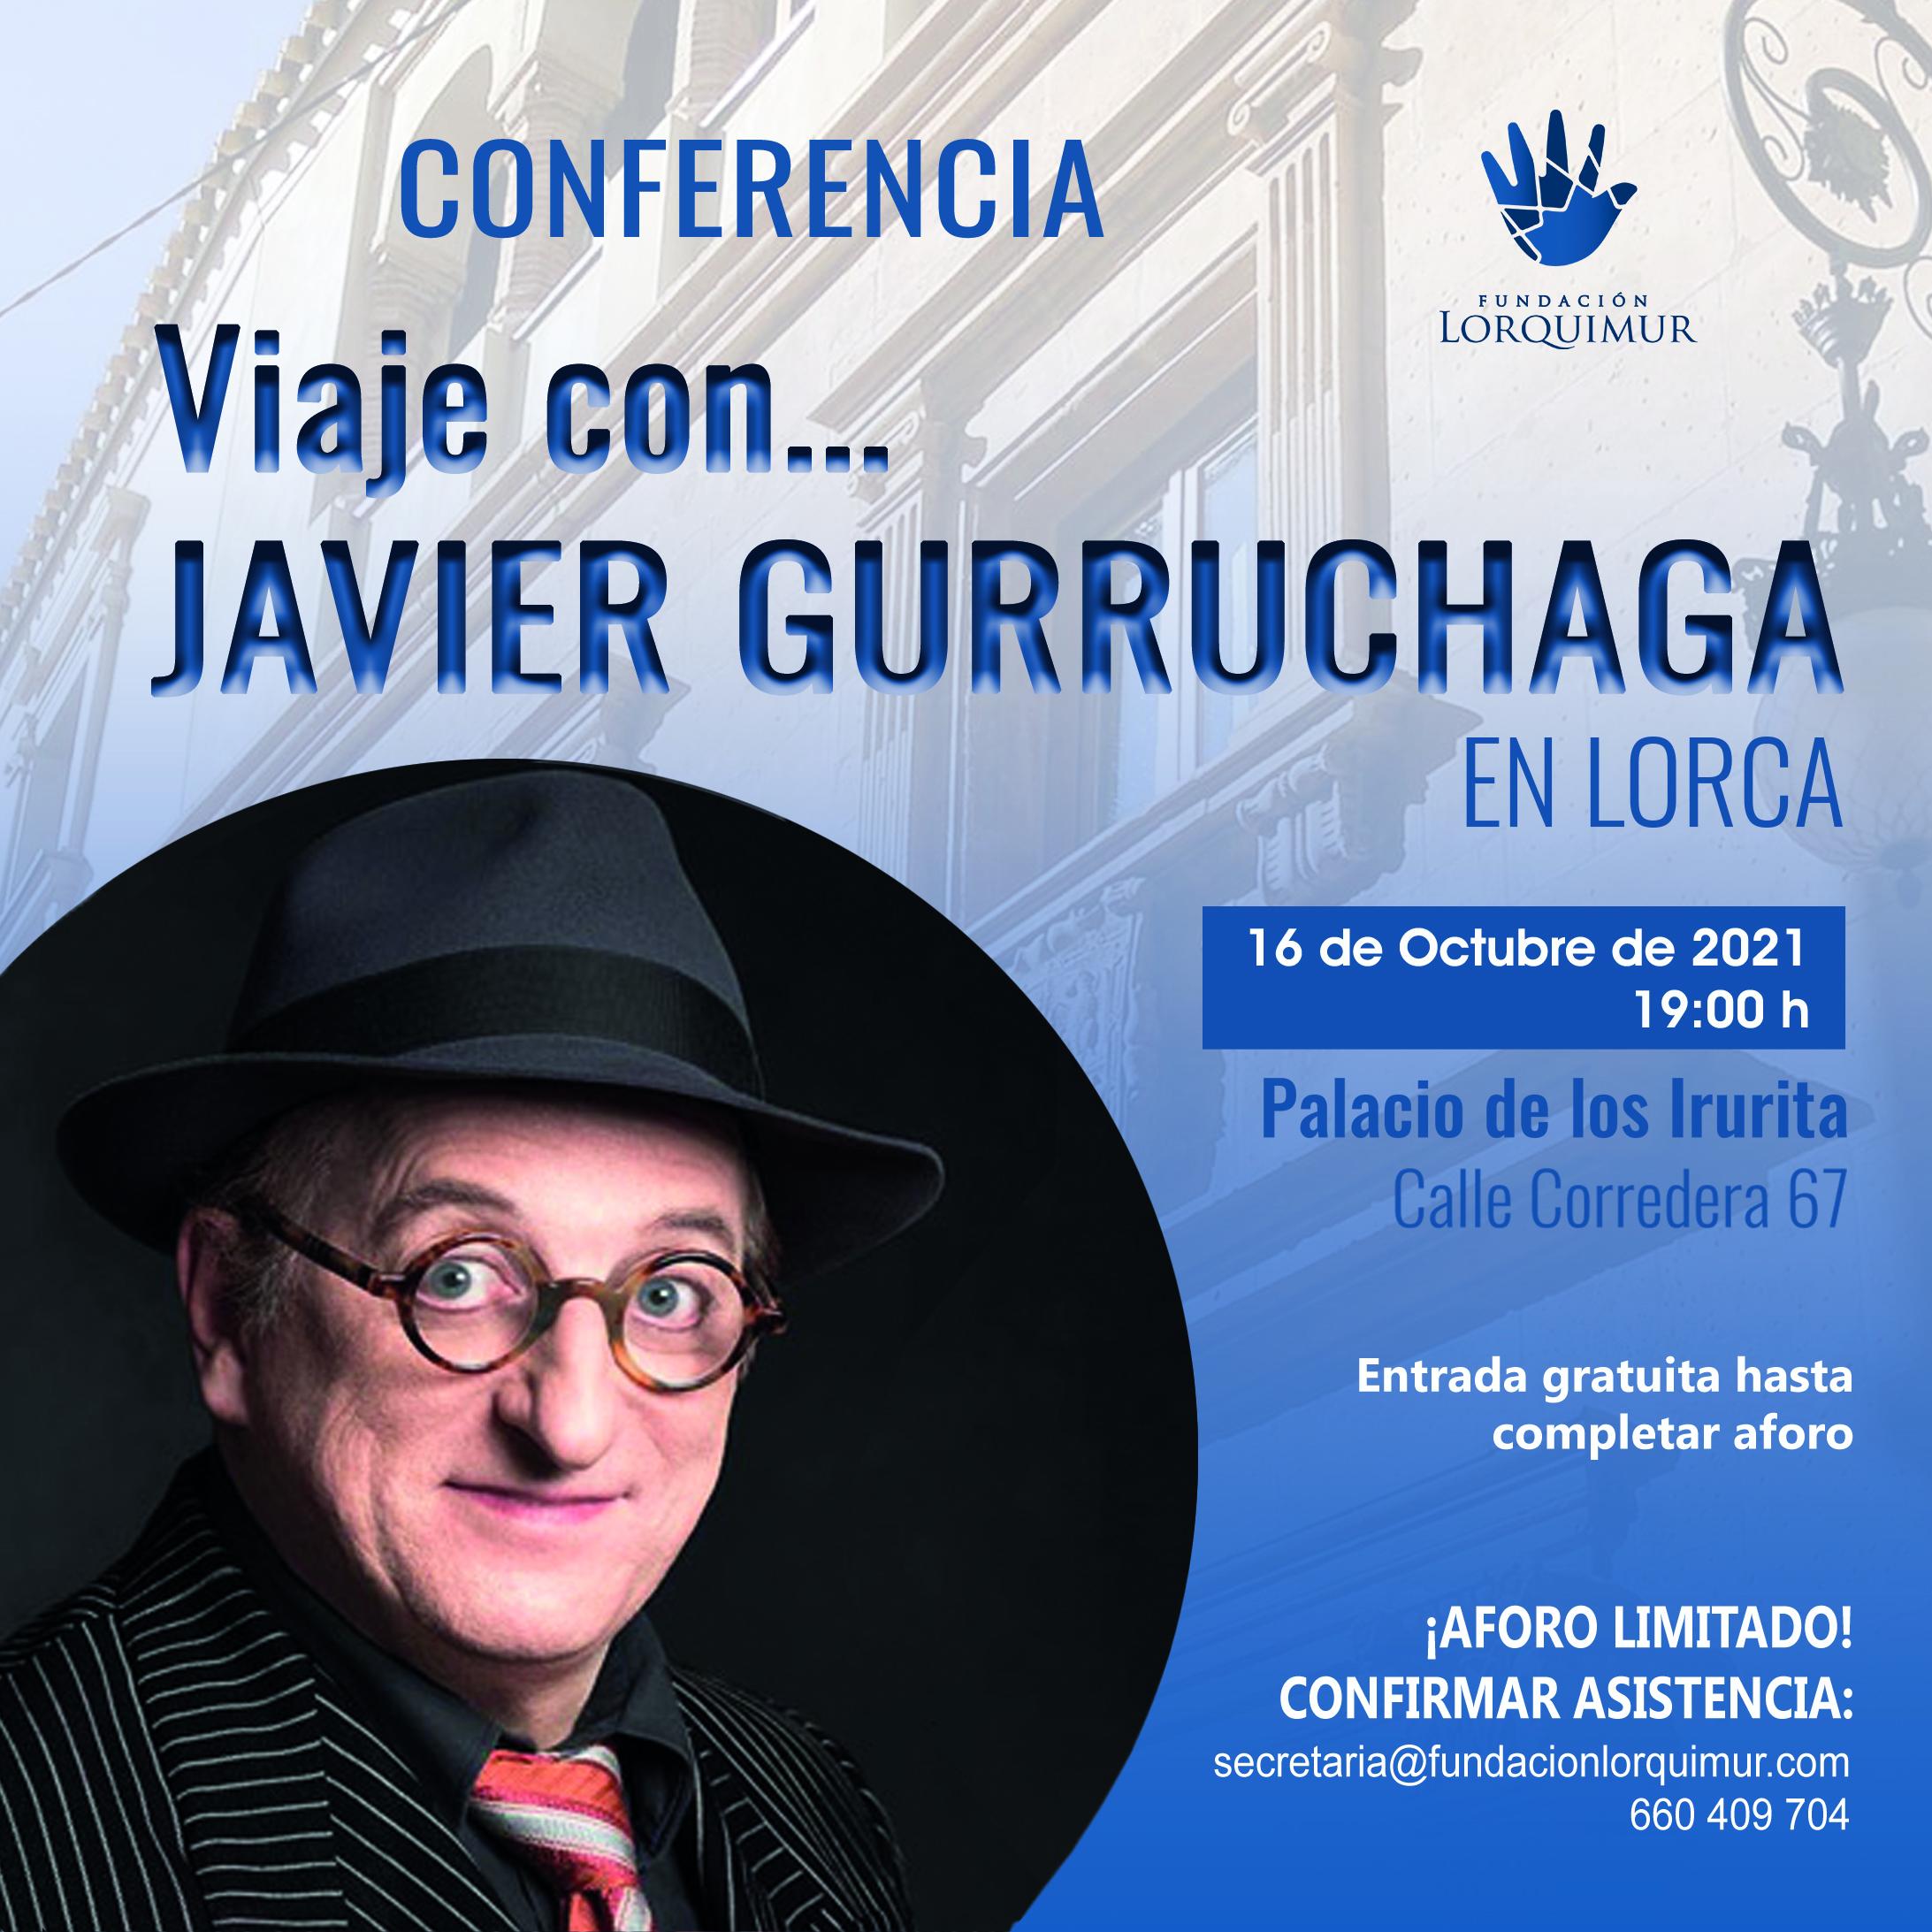 Conferencia Javier Gurruchaga Fundacion lorquimur